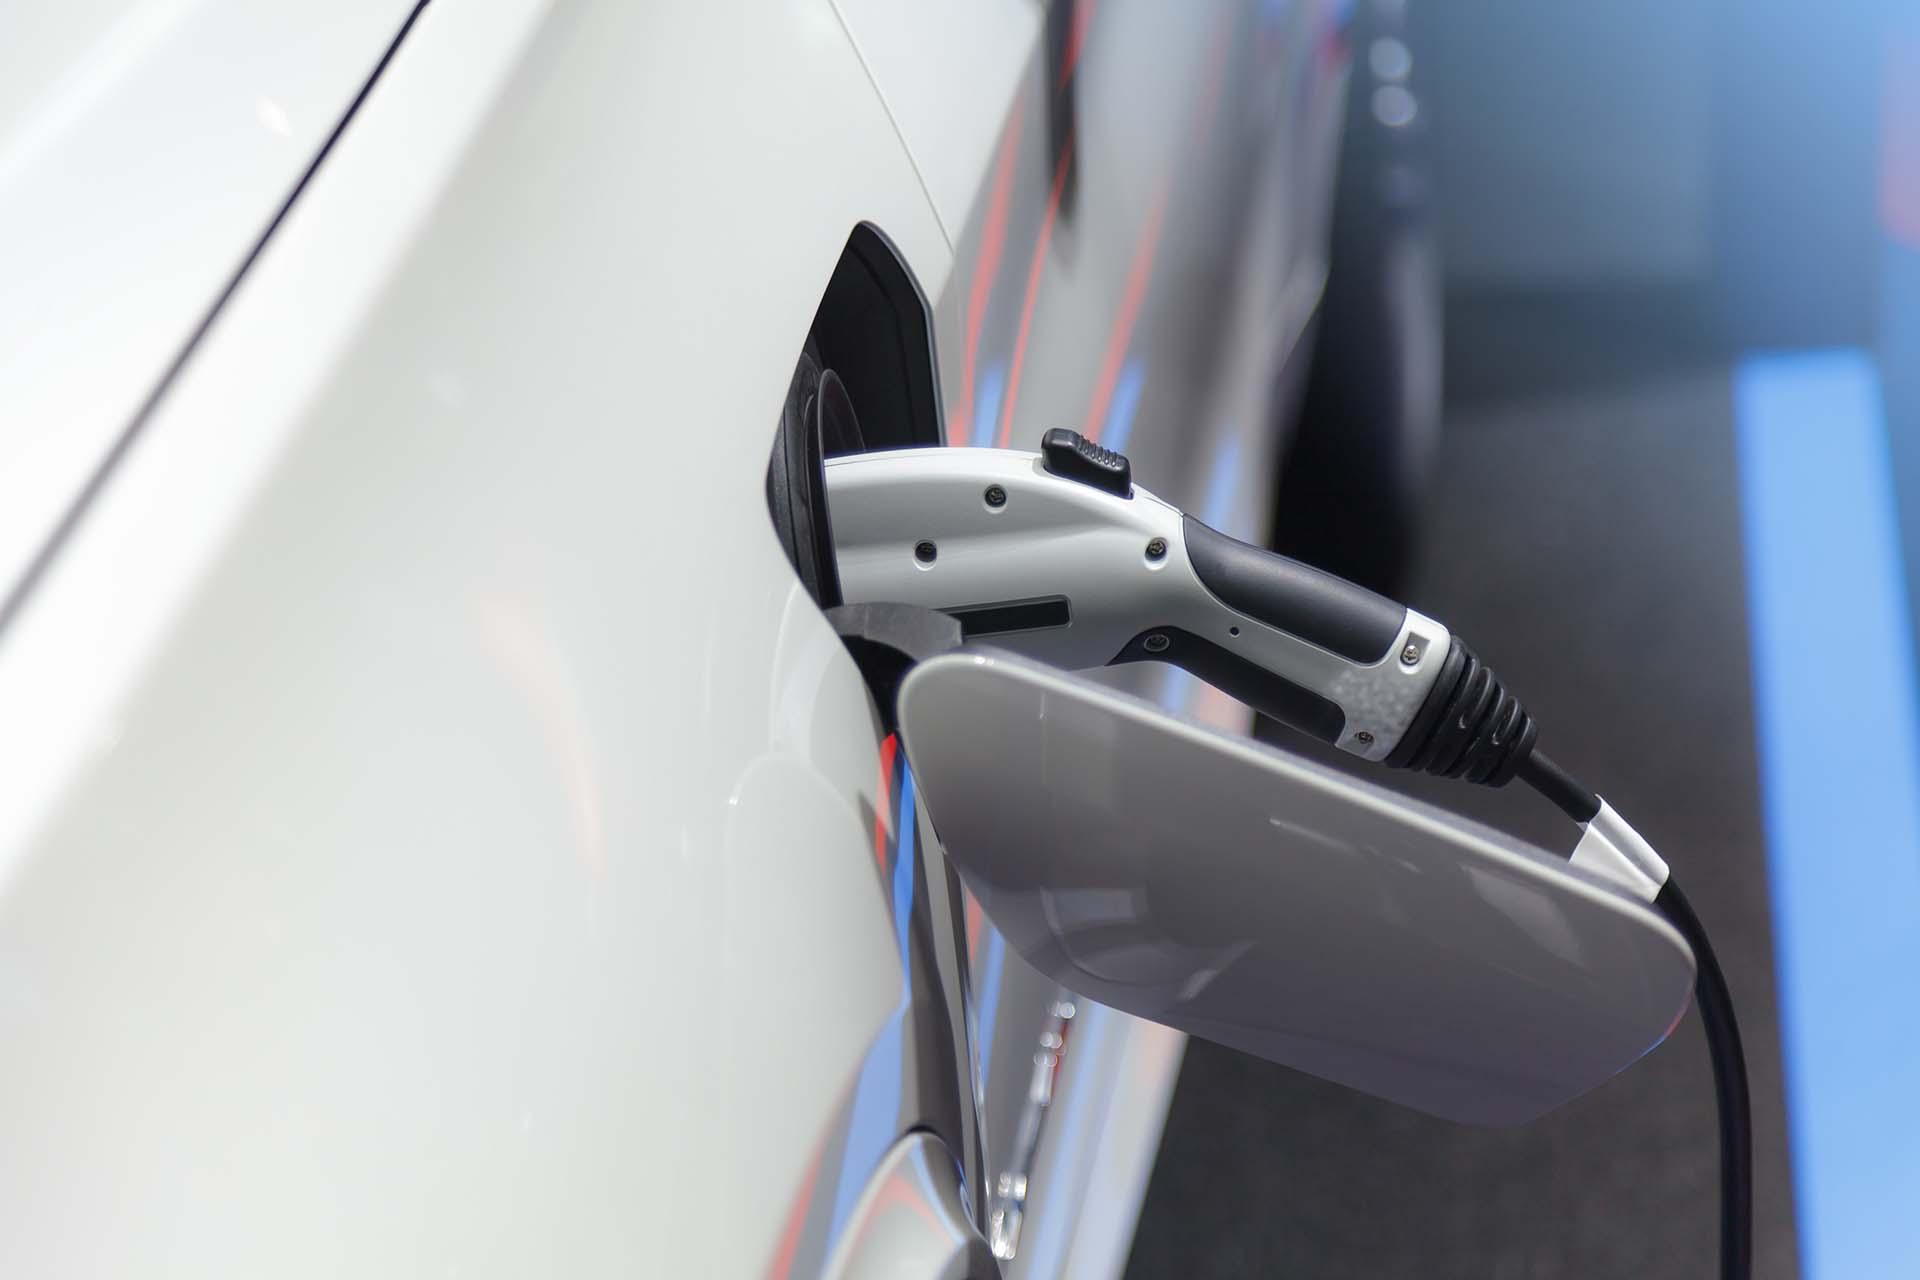 Acheter une voiture électrique en occasion : nos conseils